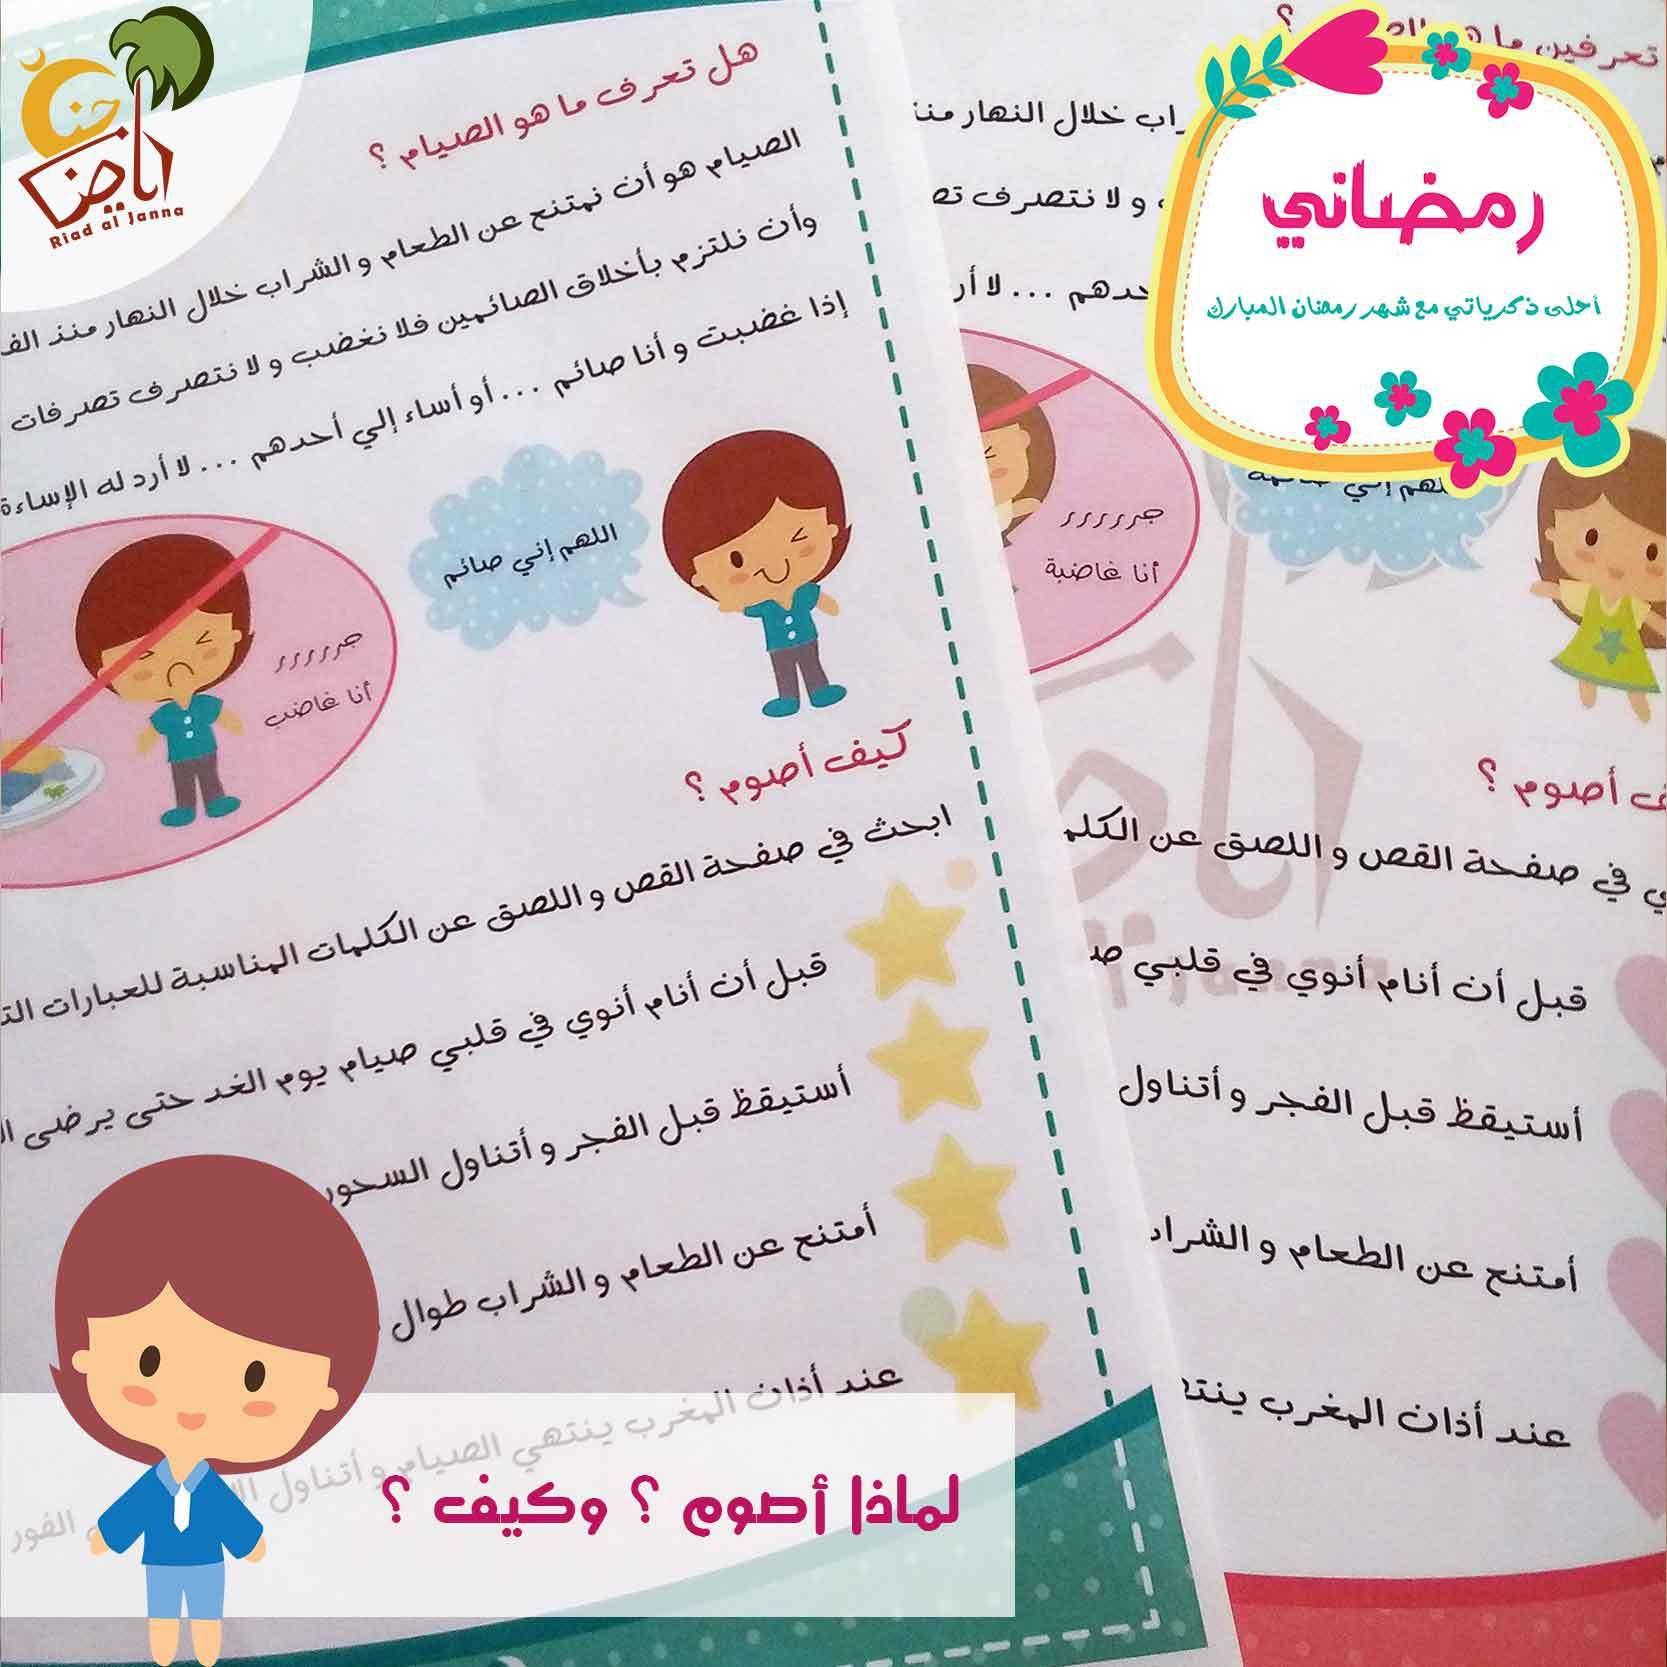 كتاب رمضاني كتاب فقه الصيام للأطفال لعمر 7 سنوات فما فوق يرافق طفلك طيلة أيام شهر رمضان المبارك نشاطات ممتعة و Ramadan Kids Islam For Kids Ramadan